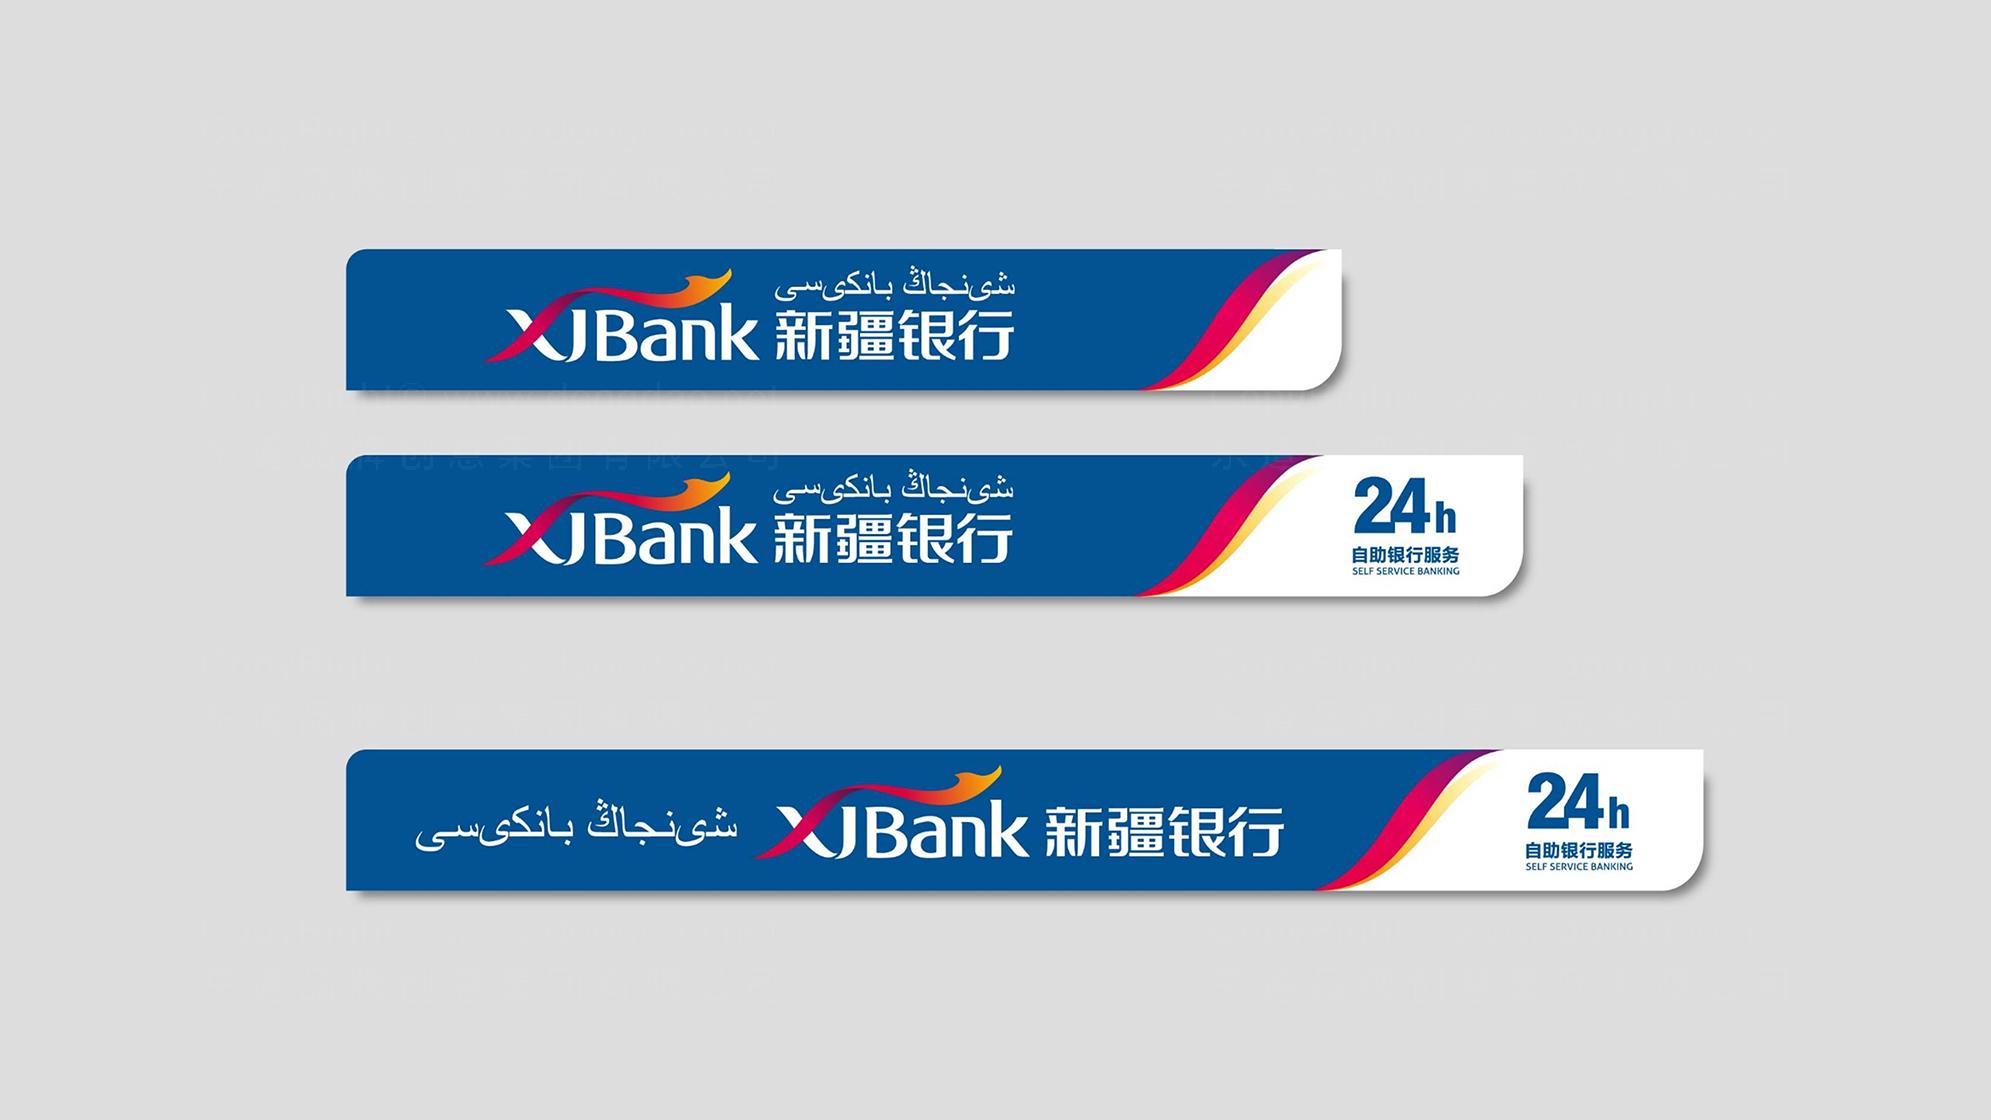 品牌设计新疆银行LOGO&VI设计应用场景_1